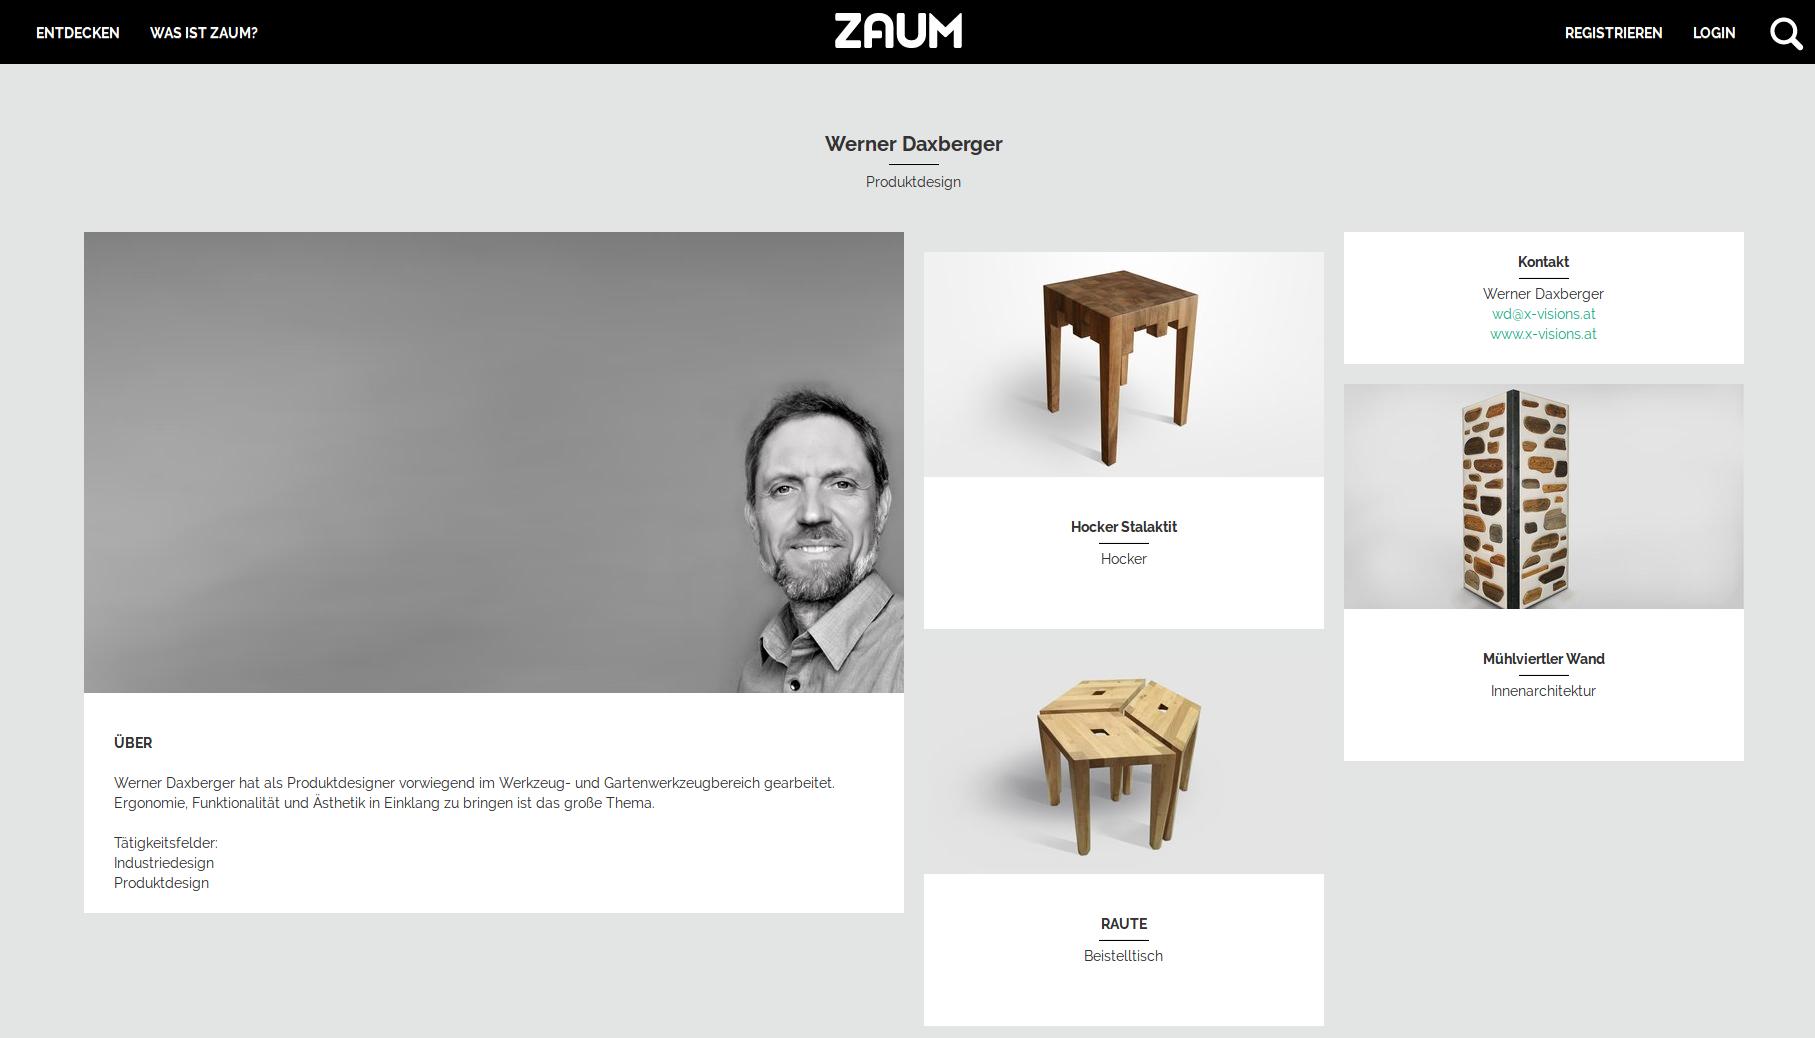 ZAUM Online-Plattform zur Präsentation von Produkten und Ideen